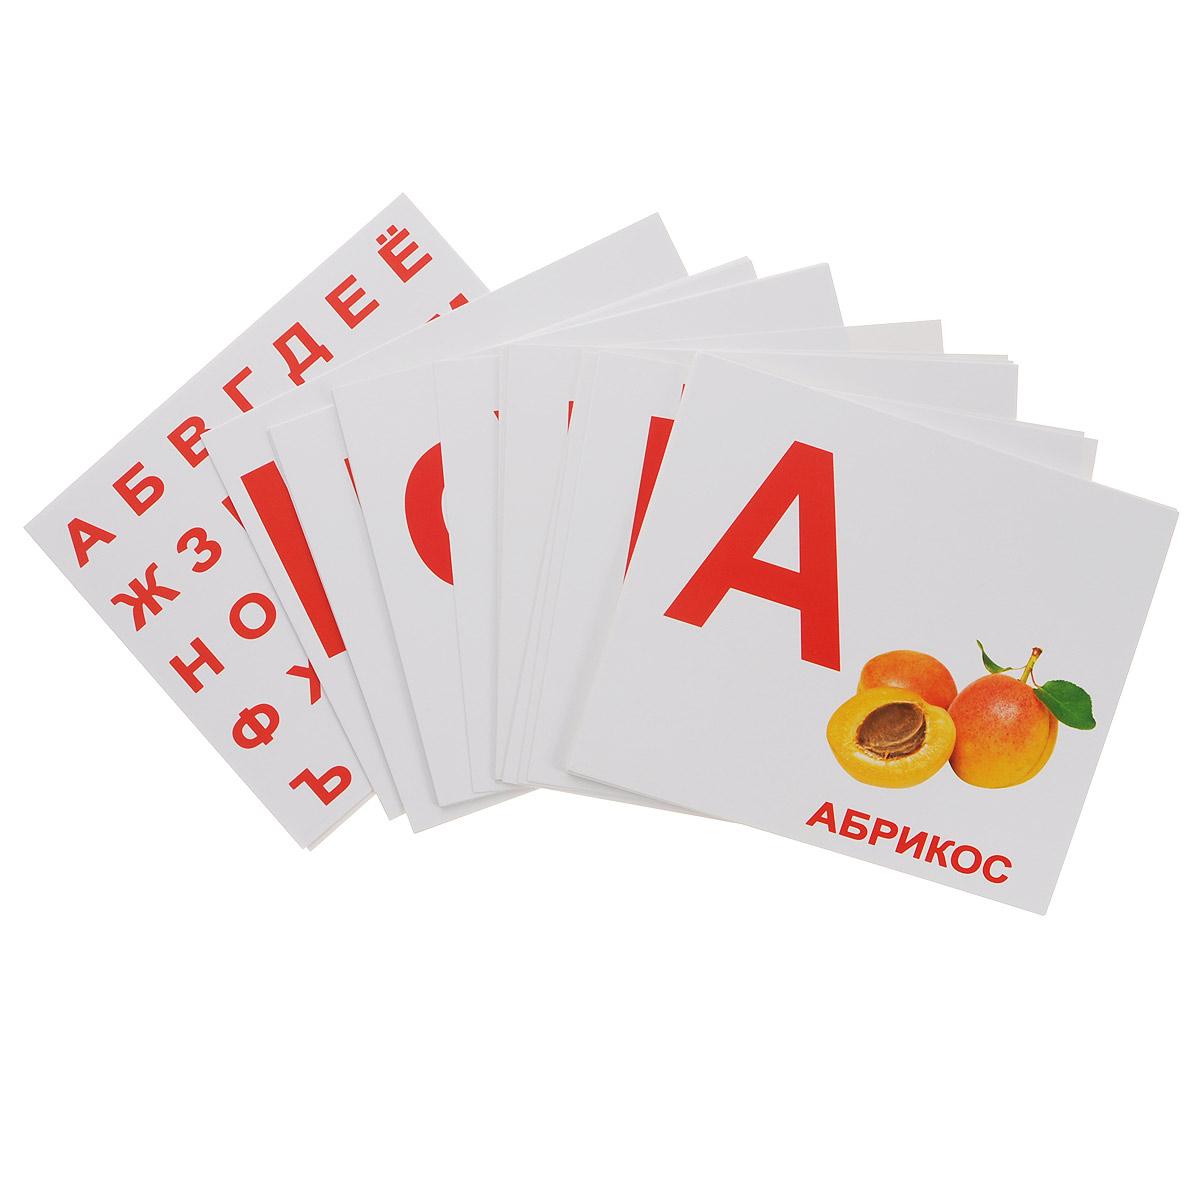 Набор обучающих карточек Вундеркинд с пеленок. Алфавит вундеркинд с пеленок домана посуда